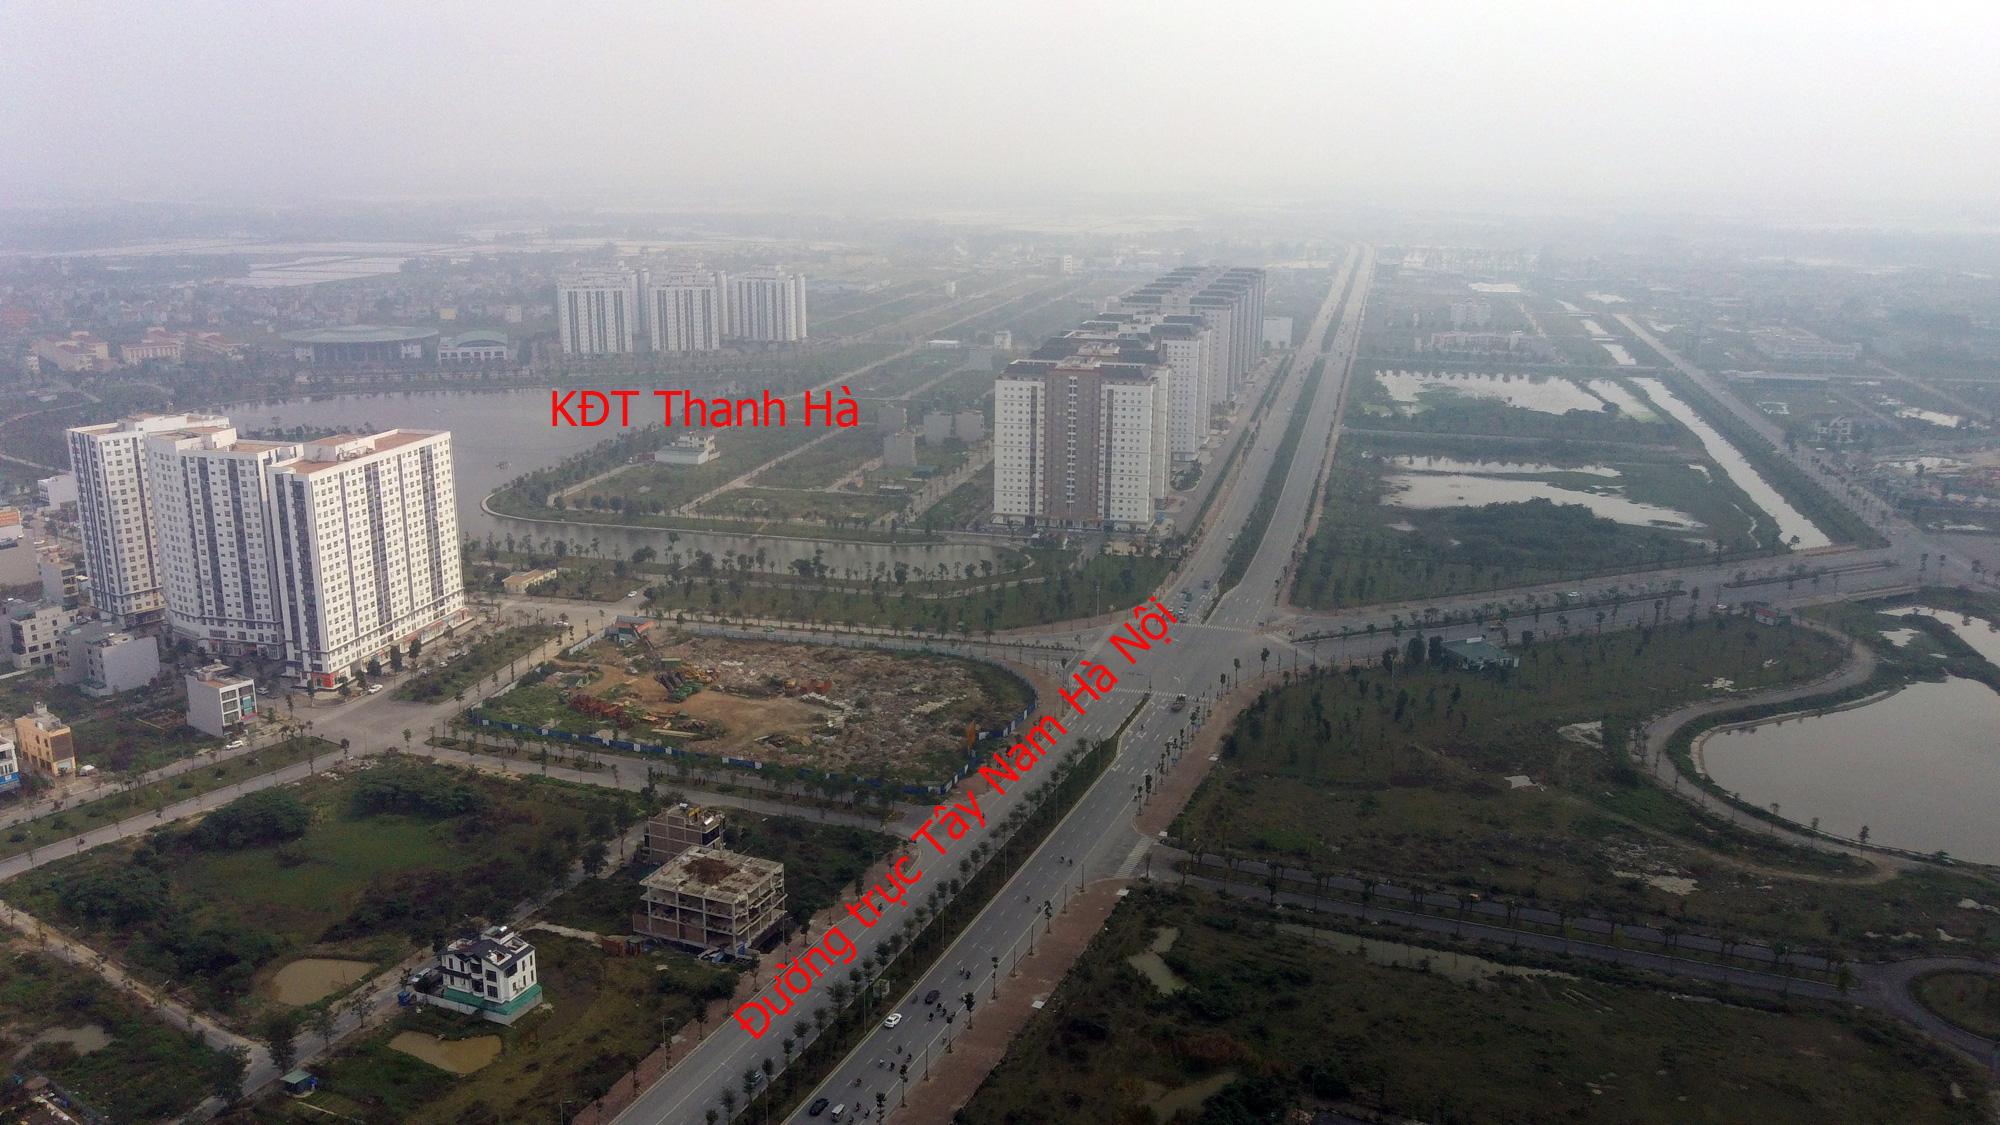 Đường sẽ mở theo qui hoạch: Toàn cảnh đường trục Tây Nam Hà Nội qua KĐT Thanh Hà - Ảnh 12.